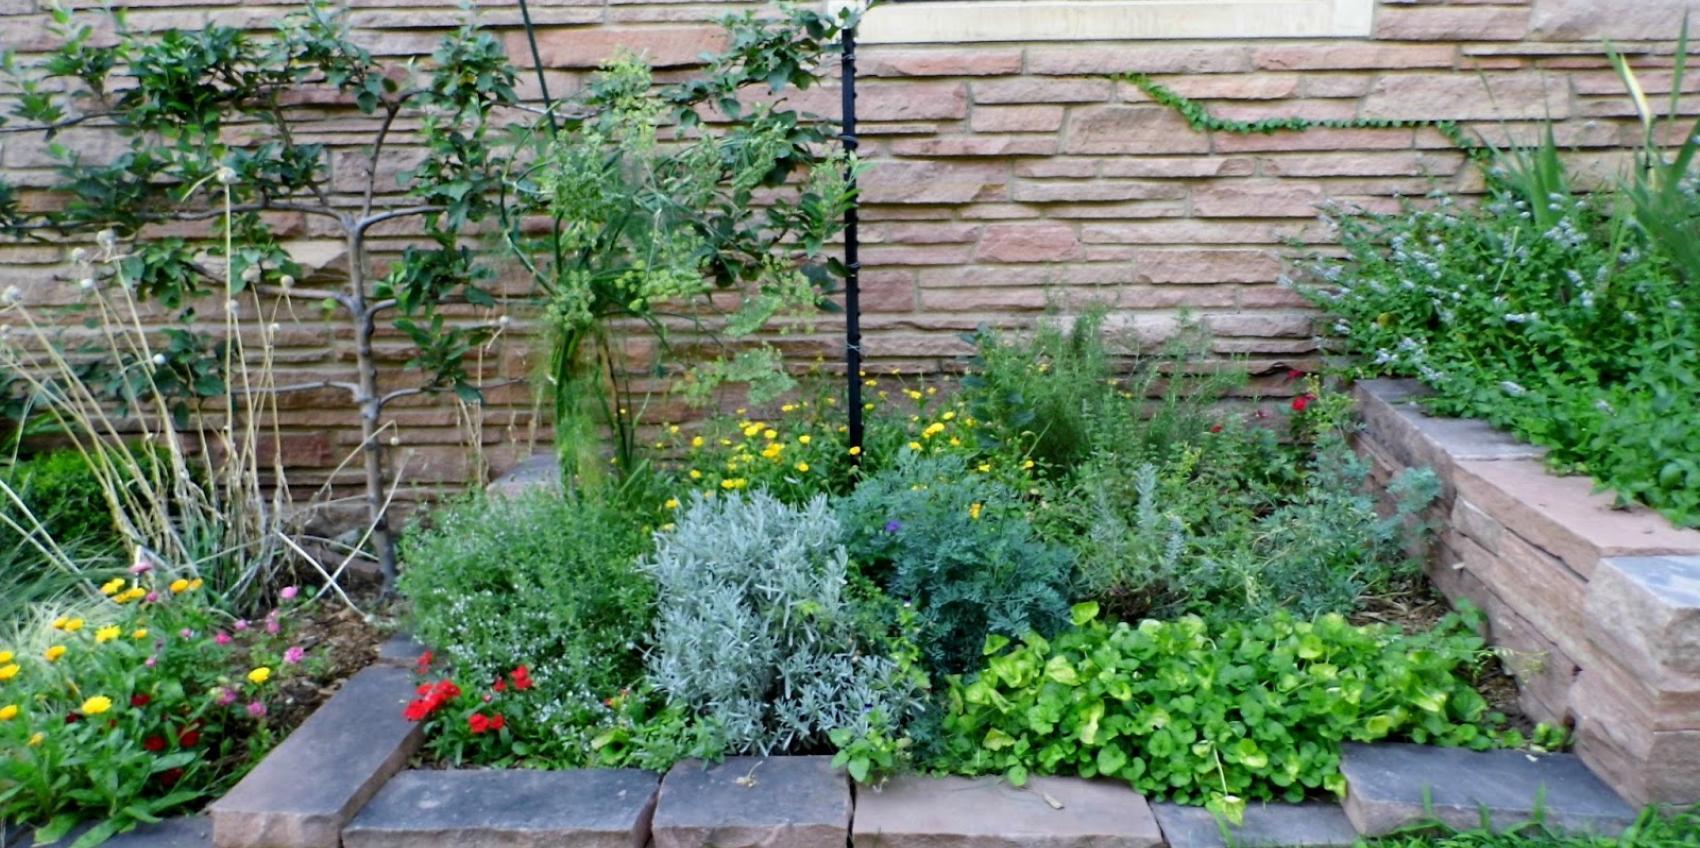 Colorado shakespeare gardens american public gardens for American garden association